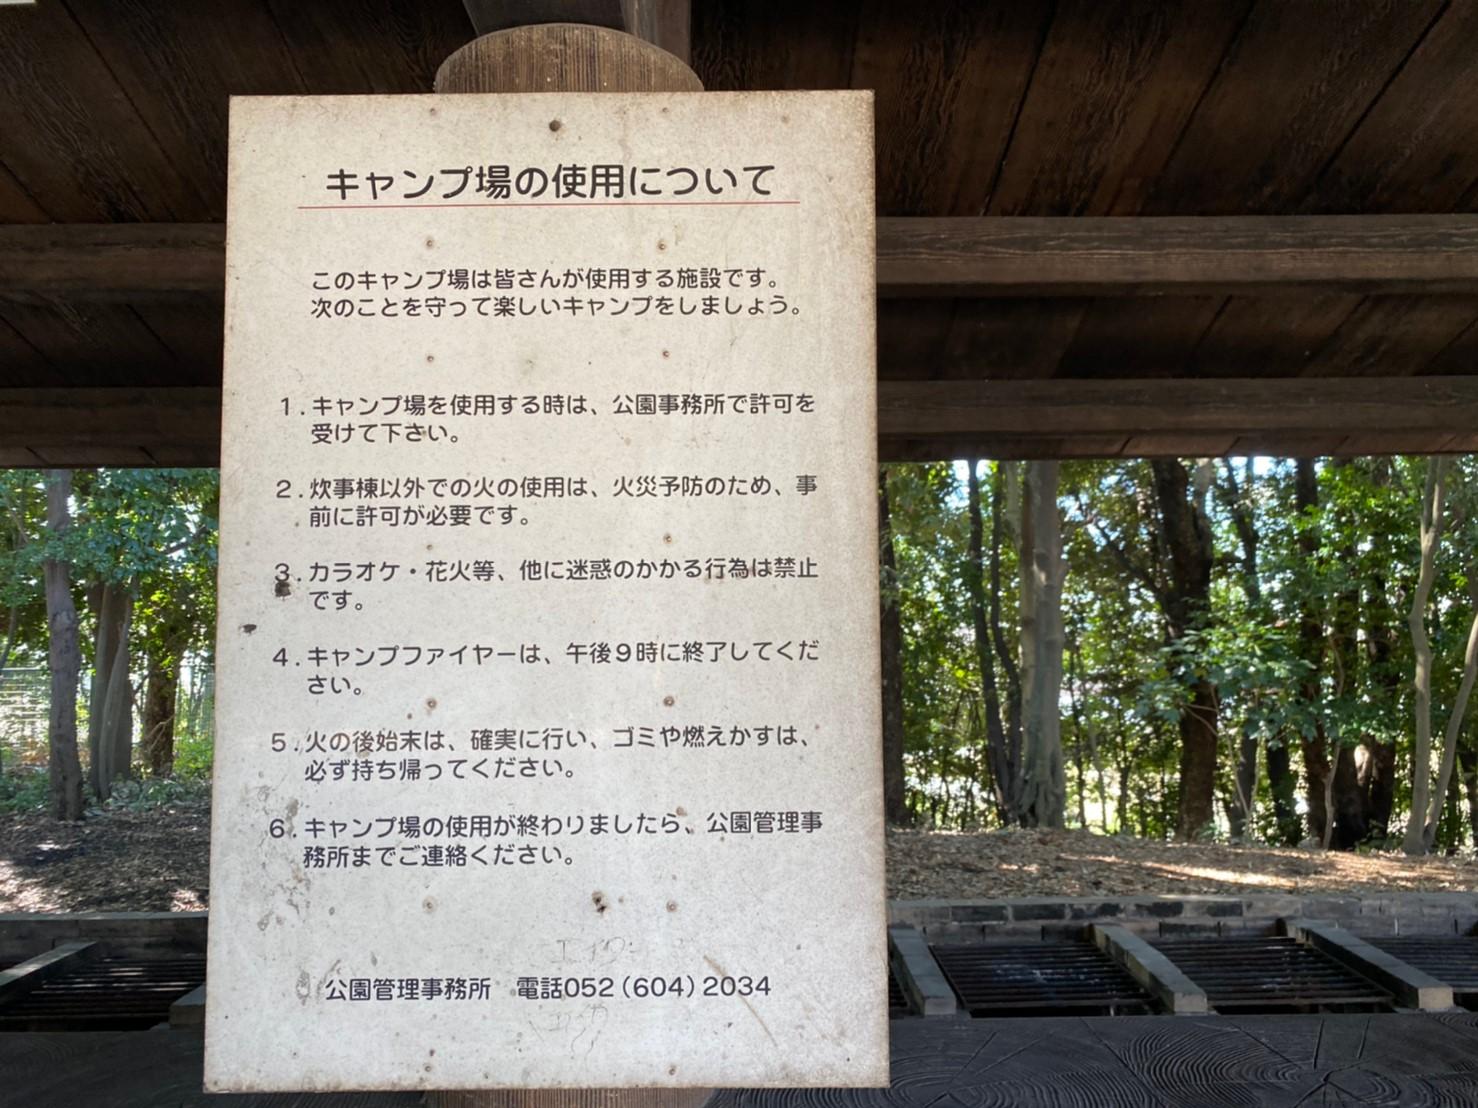 【無料の穴場スポット!愛知県】『大窪公園キャンプ場』の情報まとめ(駐車場・トイレ)